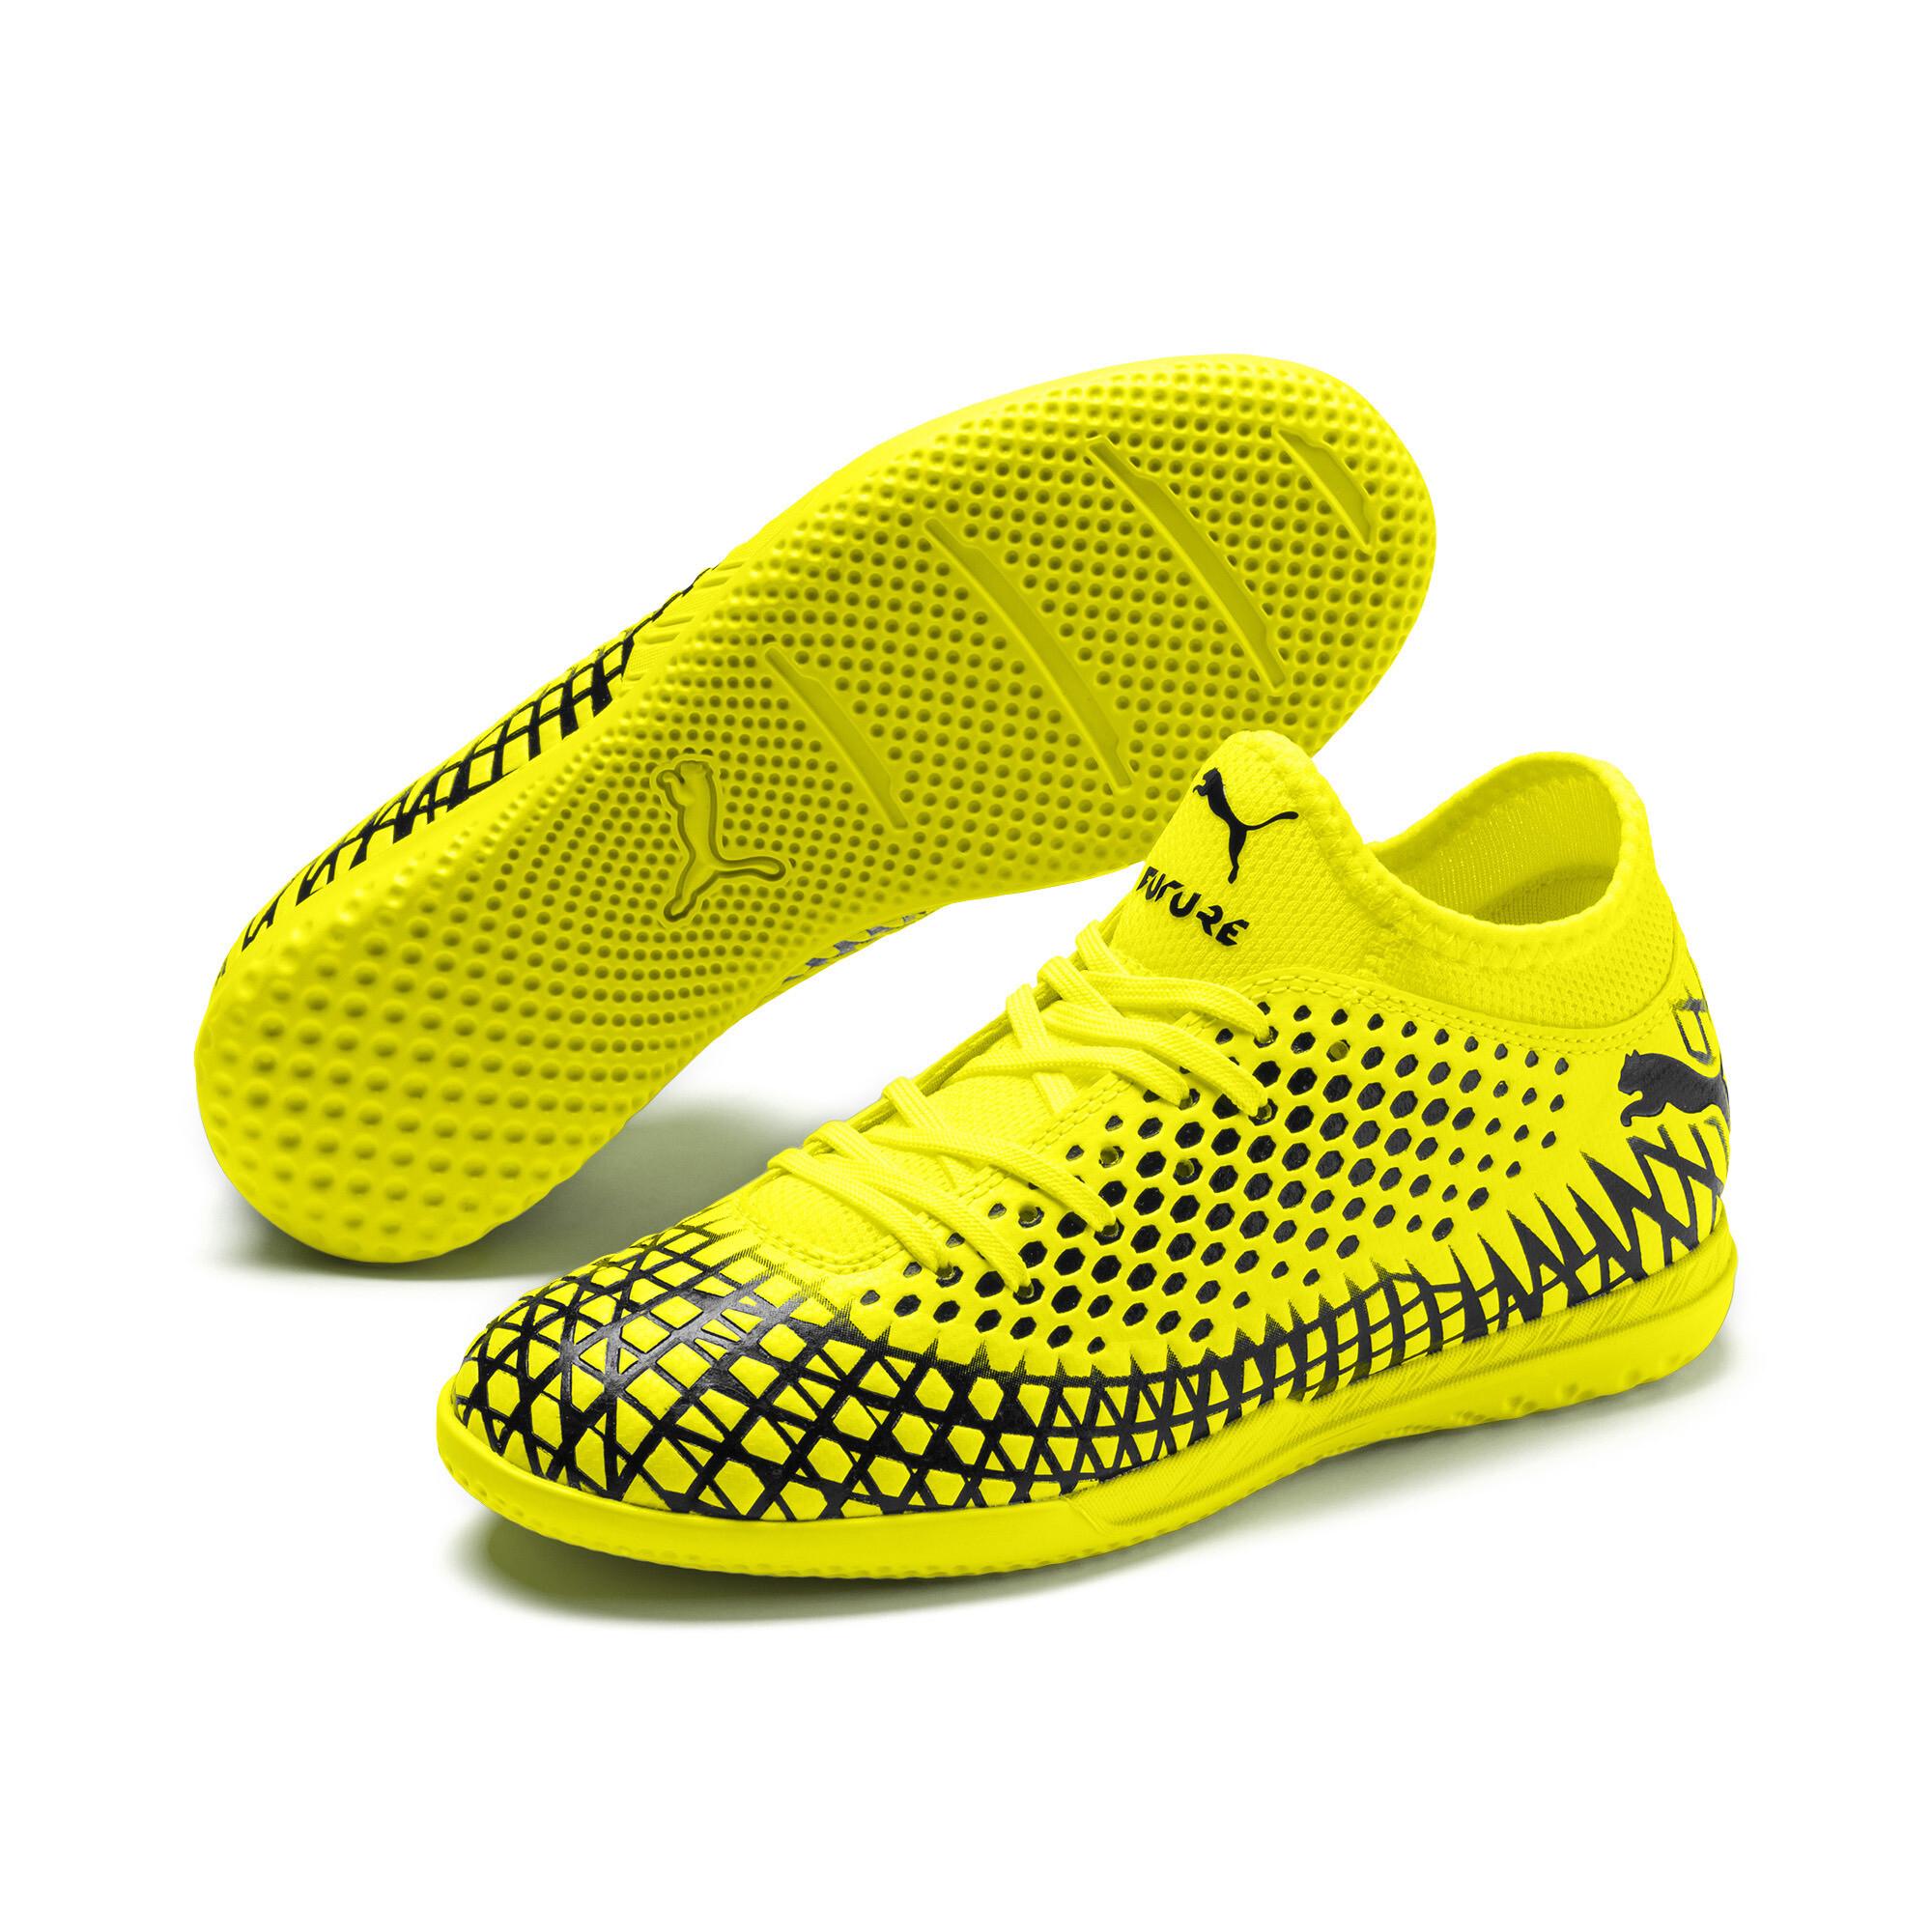 プーマ キッズ フューチャー 4.4 サッカー インドアトレーニング JR 18-24.5CM ユニセックス Yellow Alert-Puma Black  PUMA.com